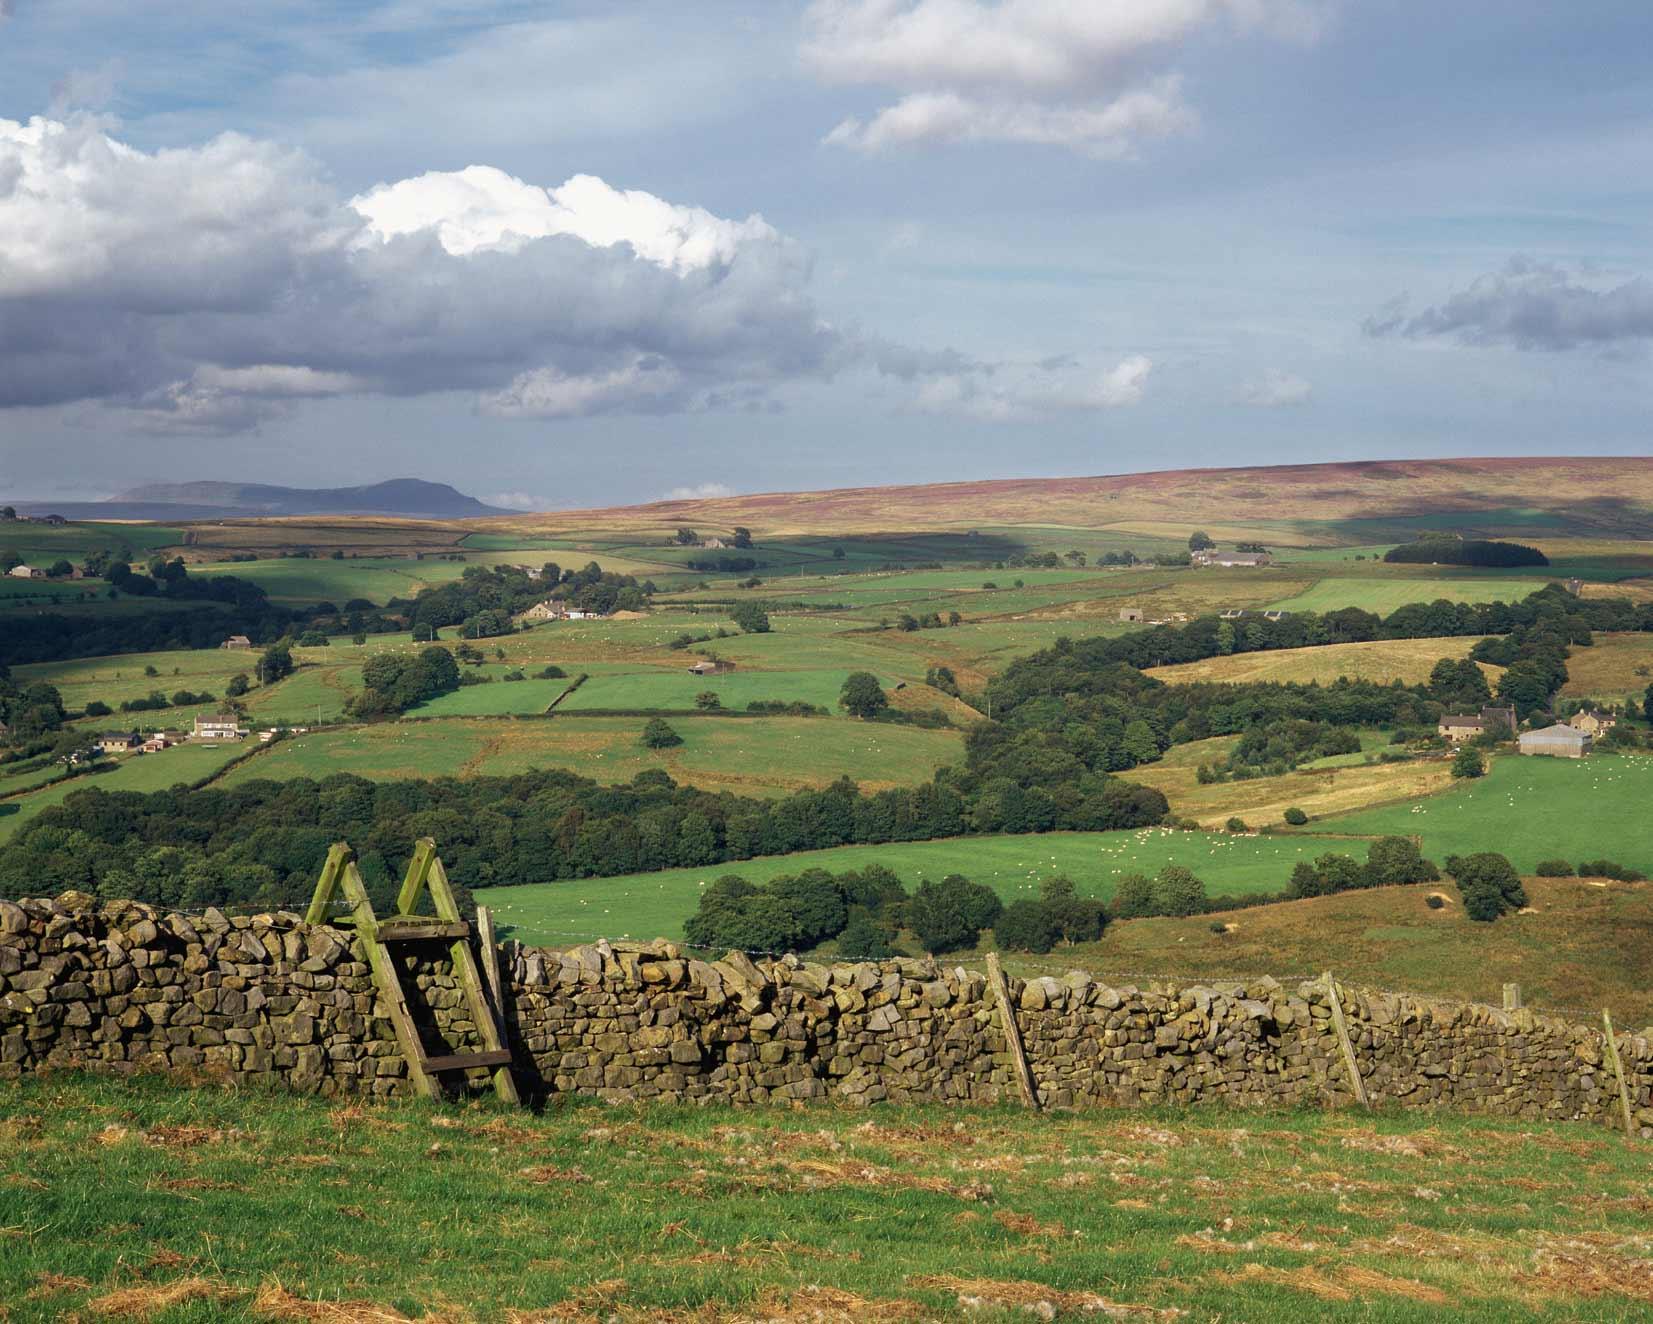 England Reisetipps: Das sind die 3 schönsten Regionen